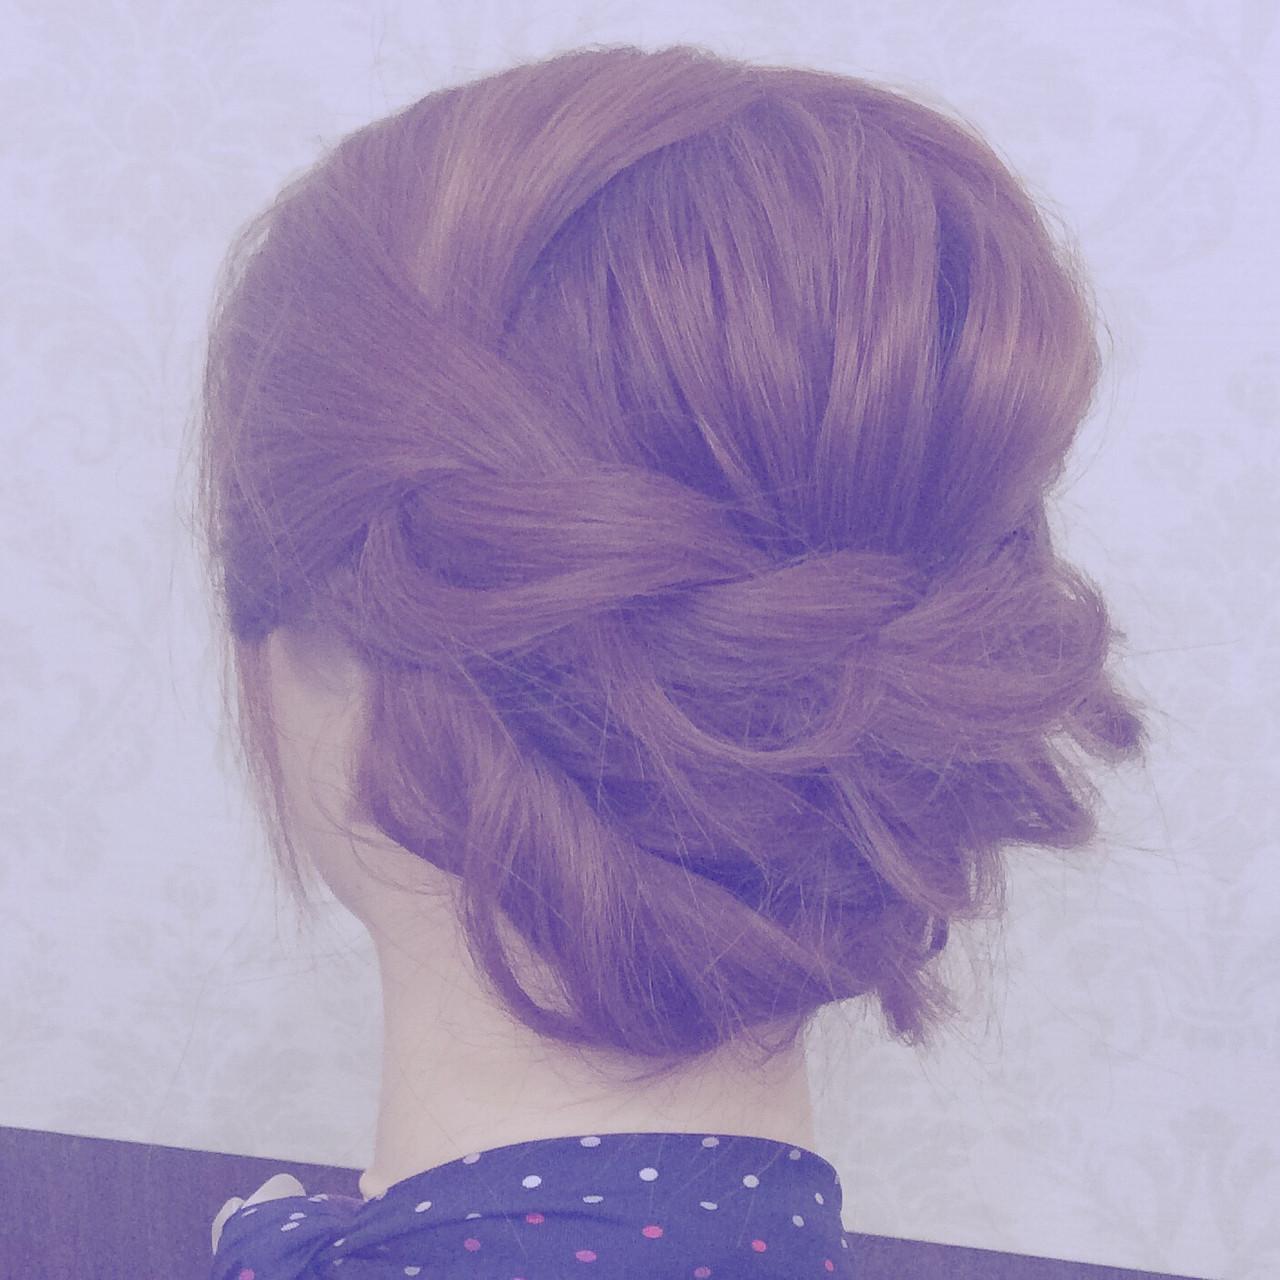 セミロングは、まとめ髪でバージョンアップ!マンネリにならないまとめ髪特集 antiquepomme/yokohama